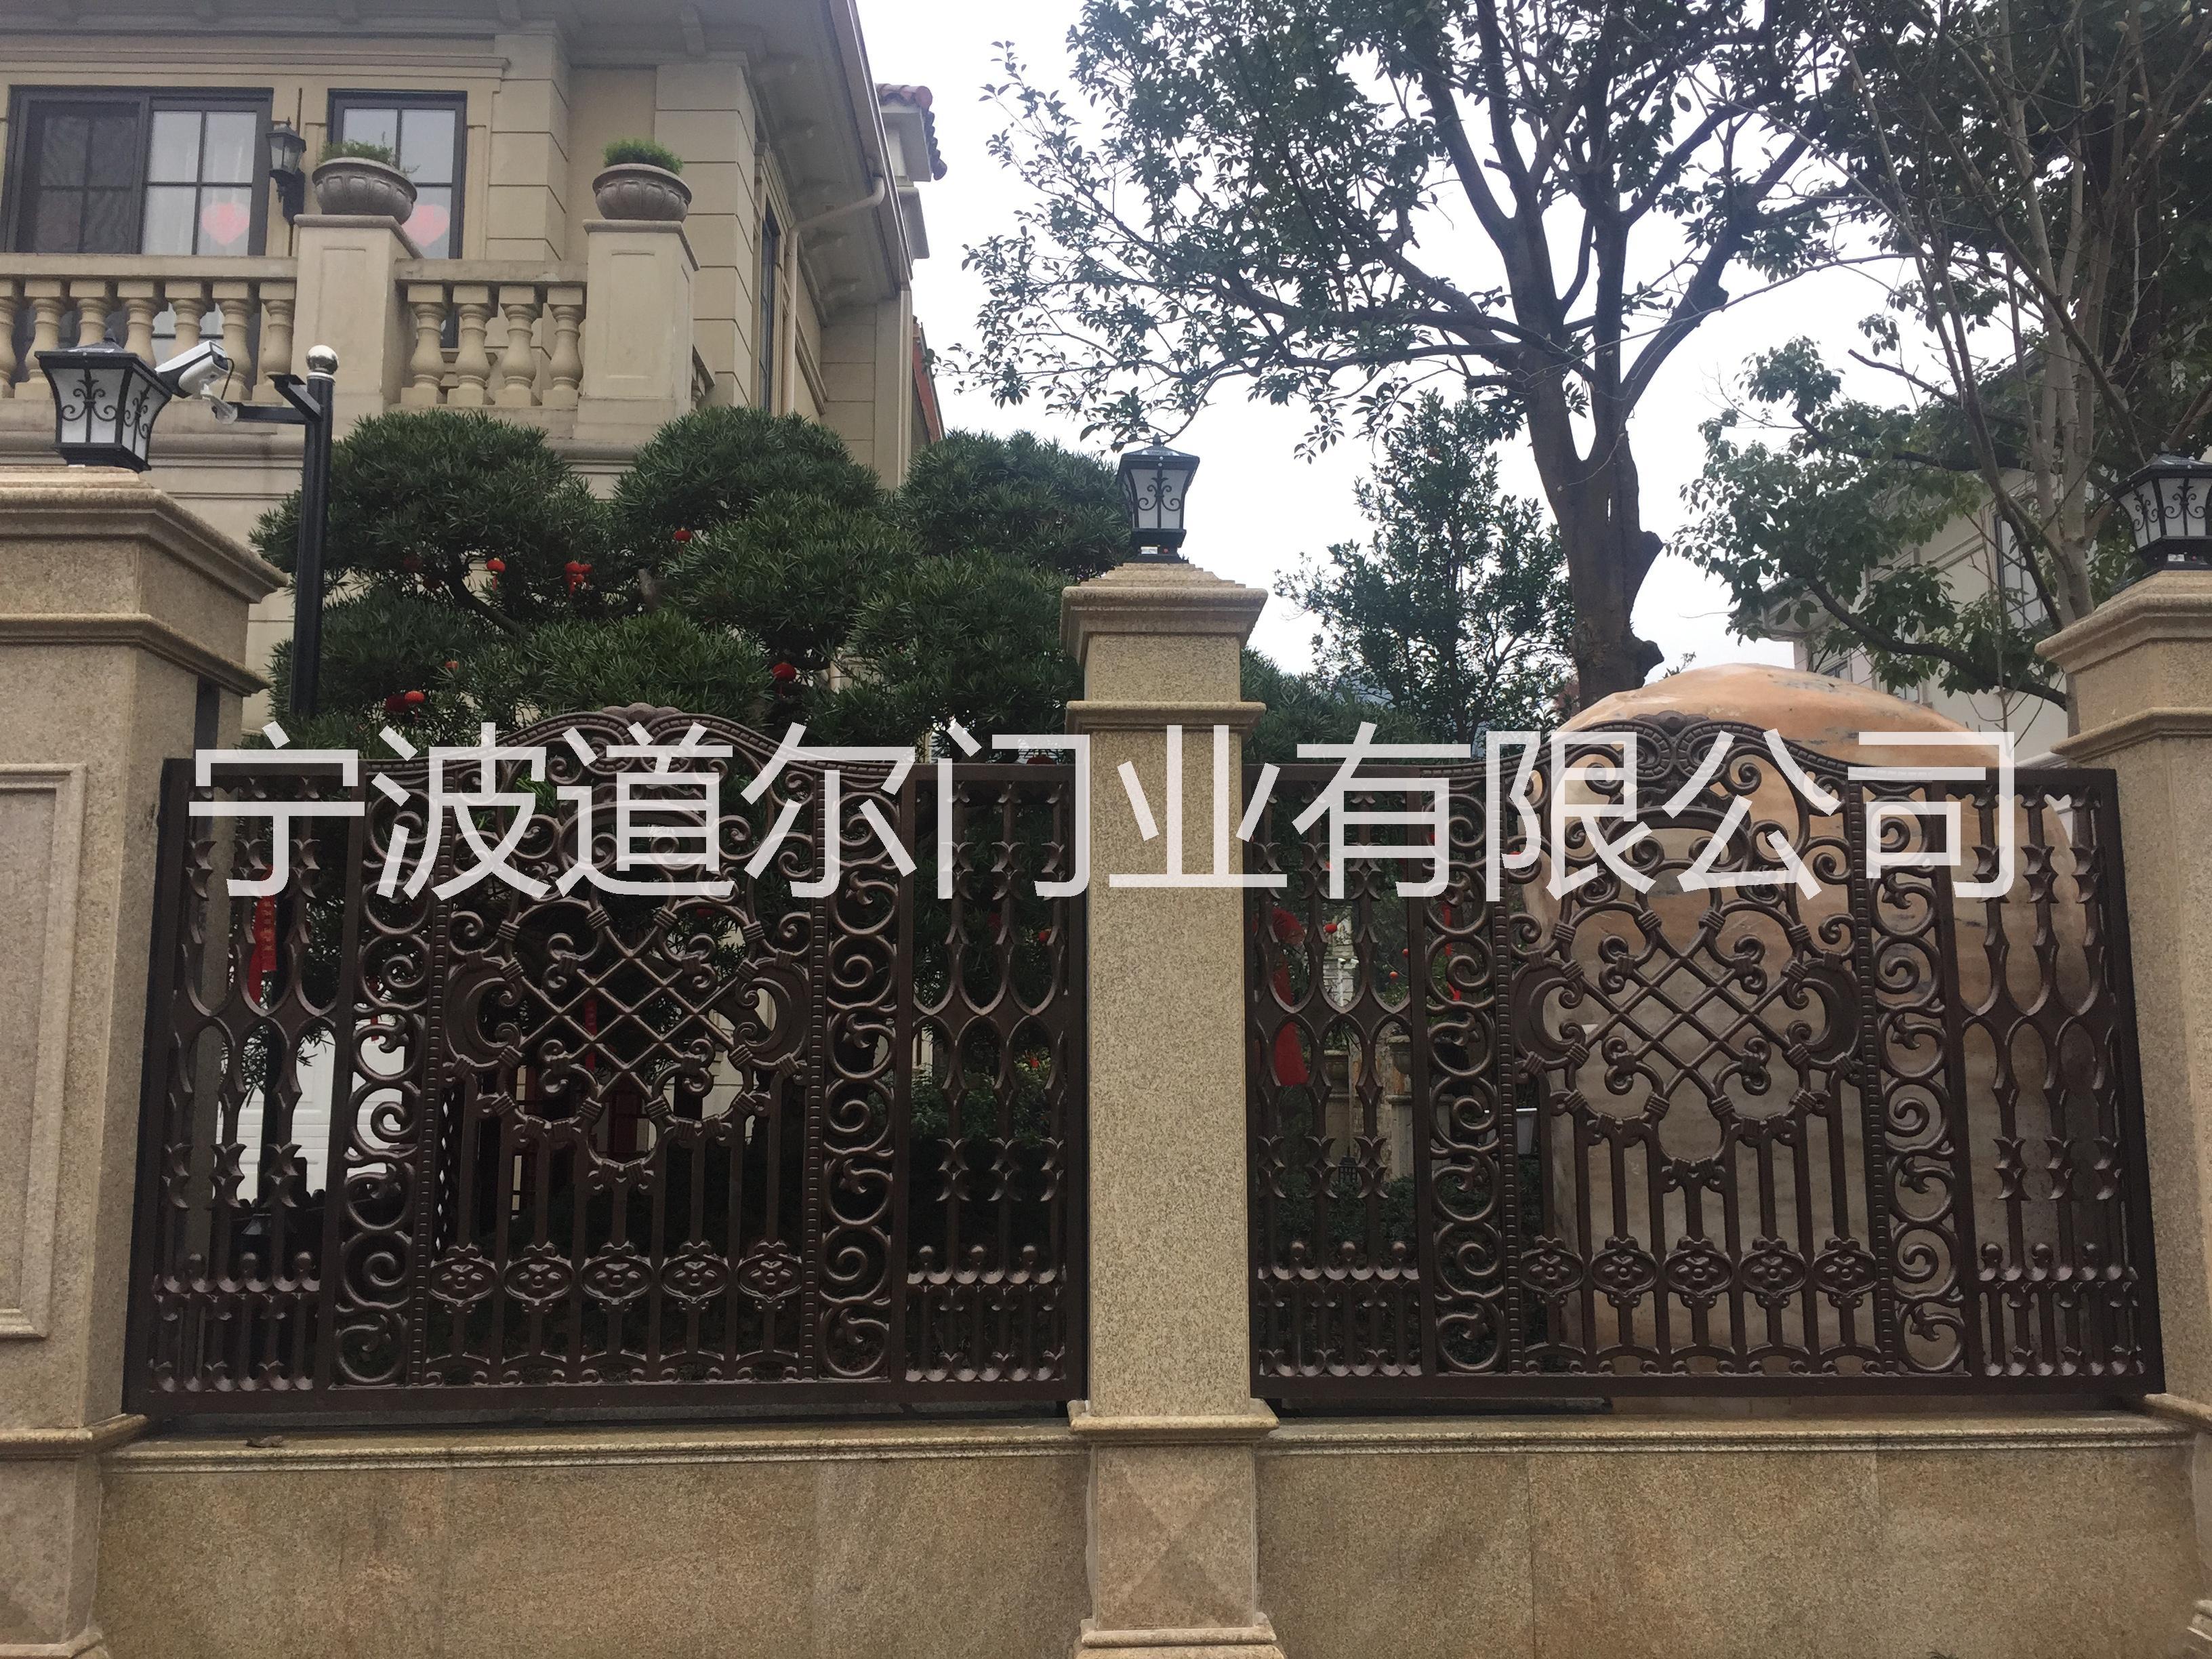 铝艺别墅庭院门栏报价厂家 宁波铸铝围栏报价厂家